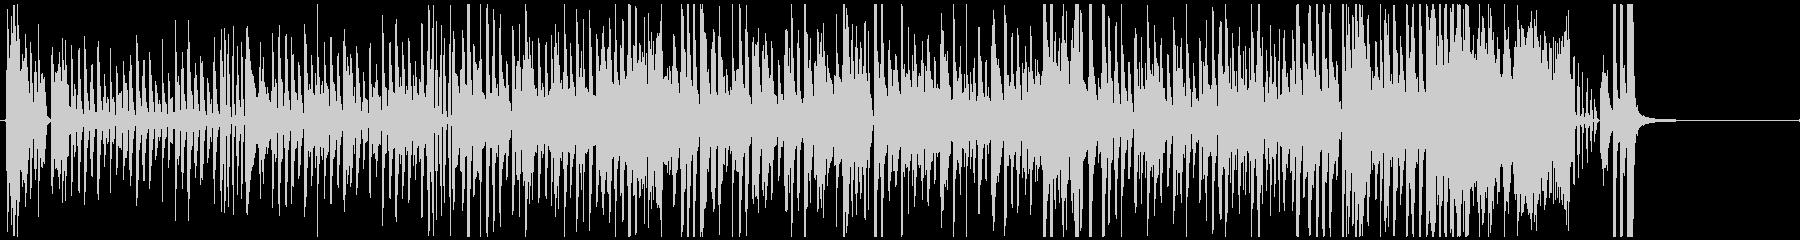 ジャズ系ハロウィン ショートバージョン1の未再生の波形